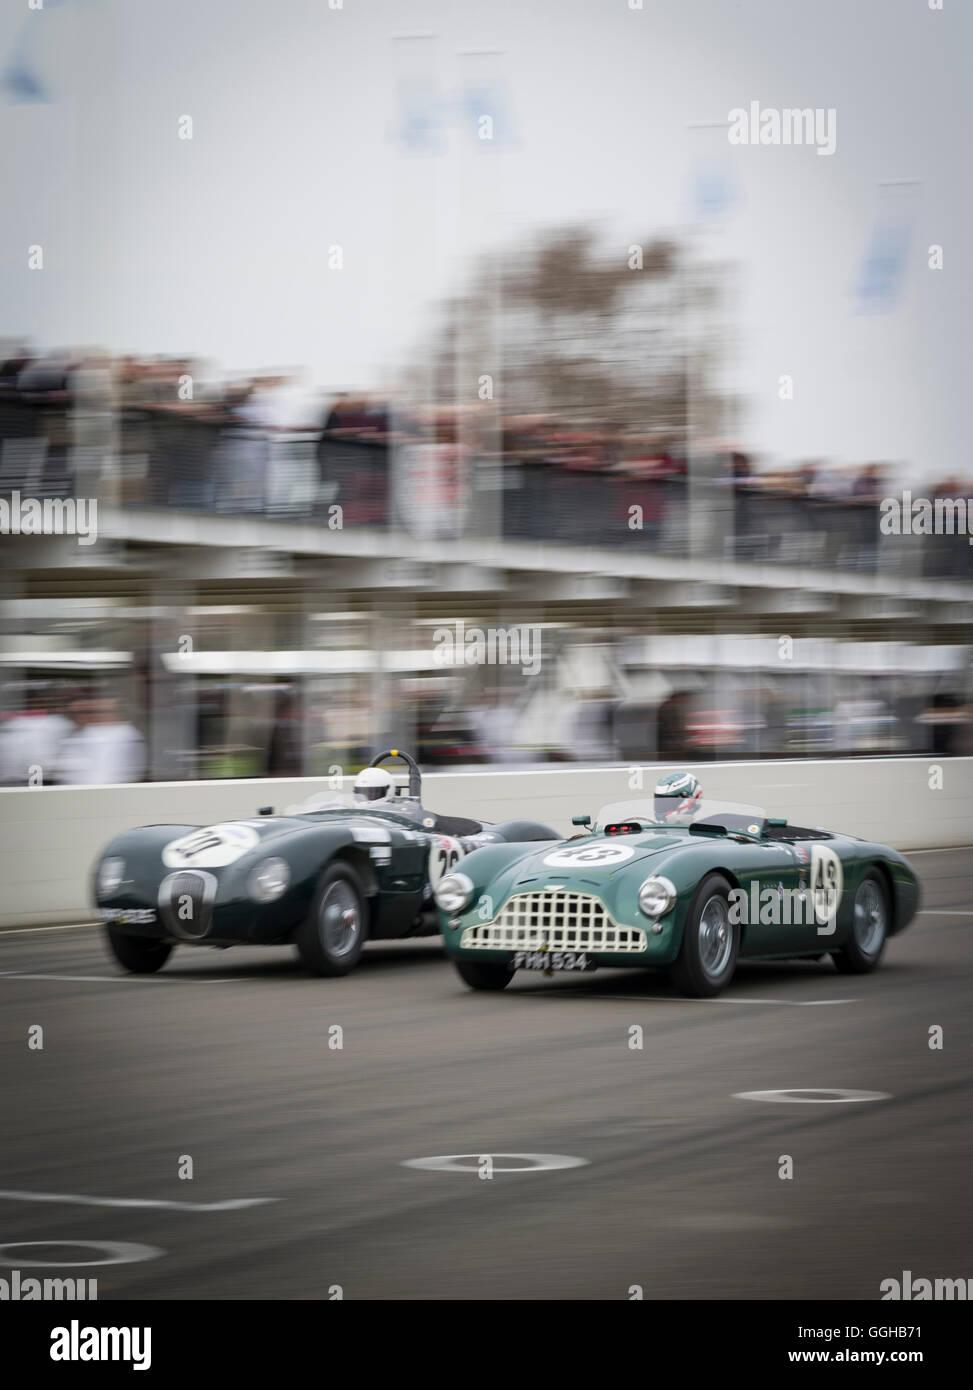 Jaguar C-Type (L) und Aston Martin DB3, Peter Collins Trophy, 72. Mitgliederversammlung, Rennen, Autorennen, Oldtimer, Stockbild